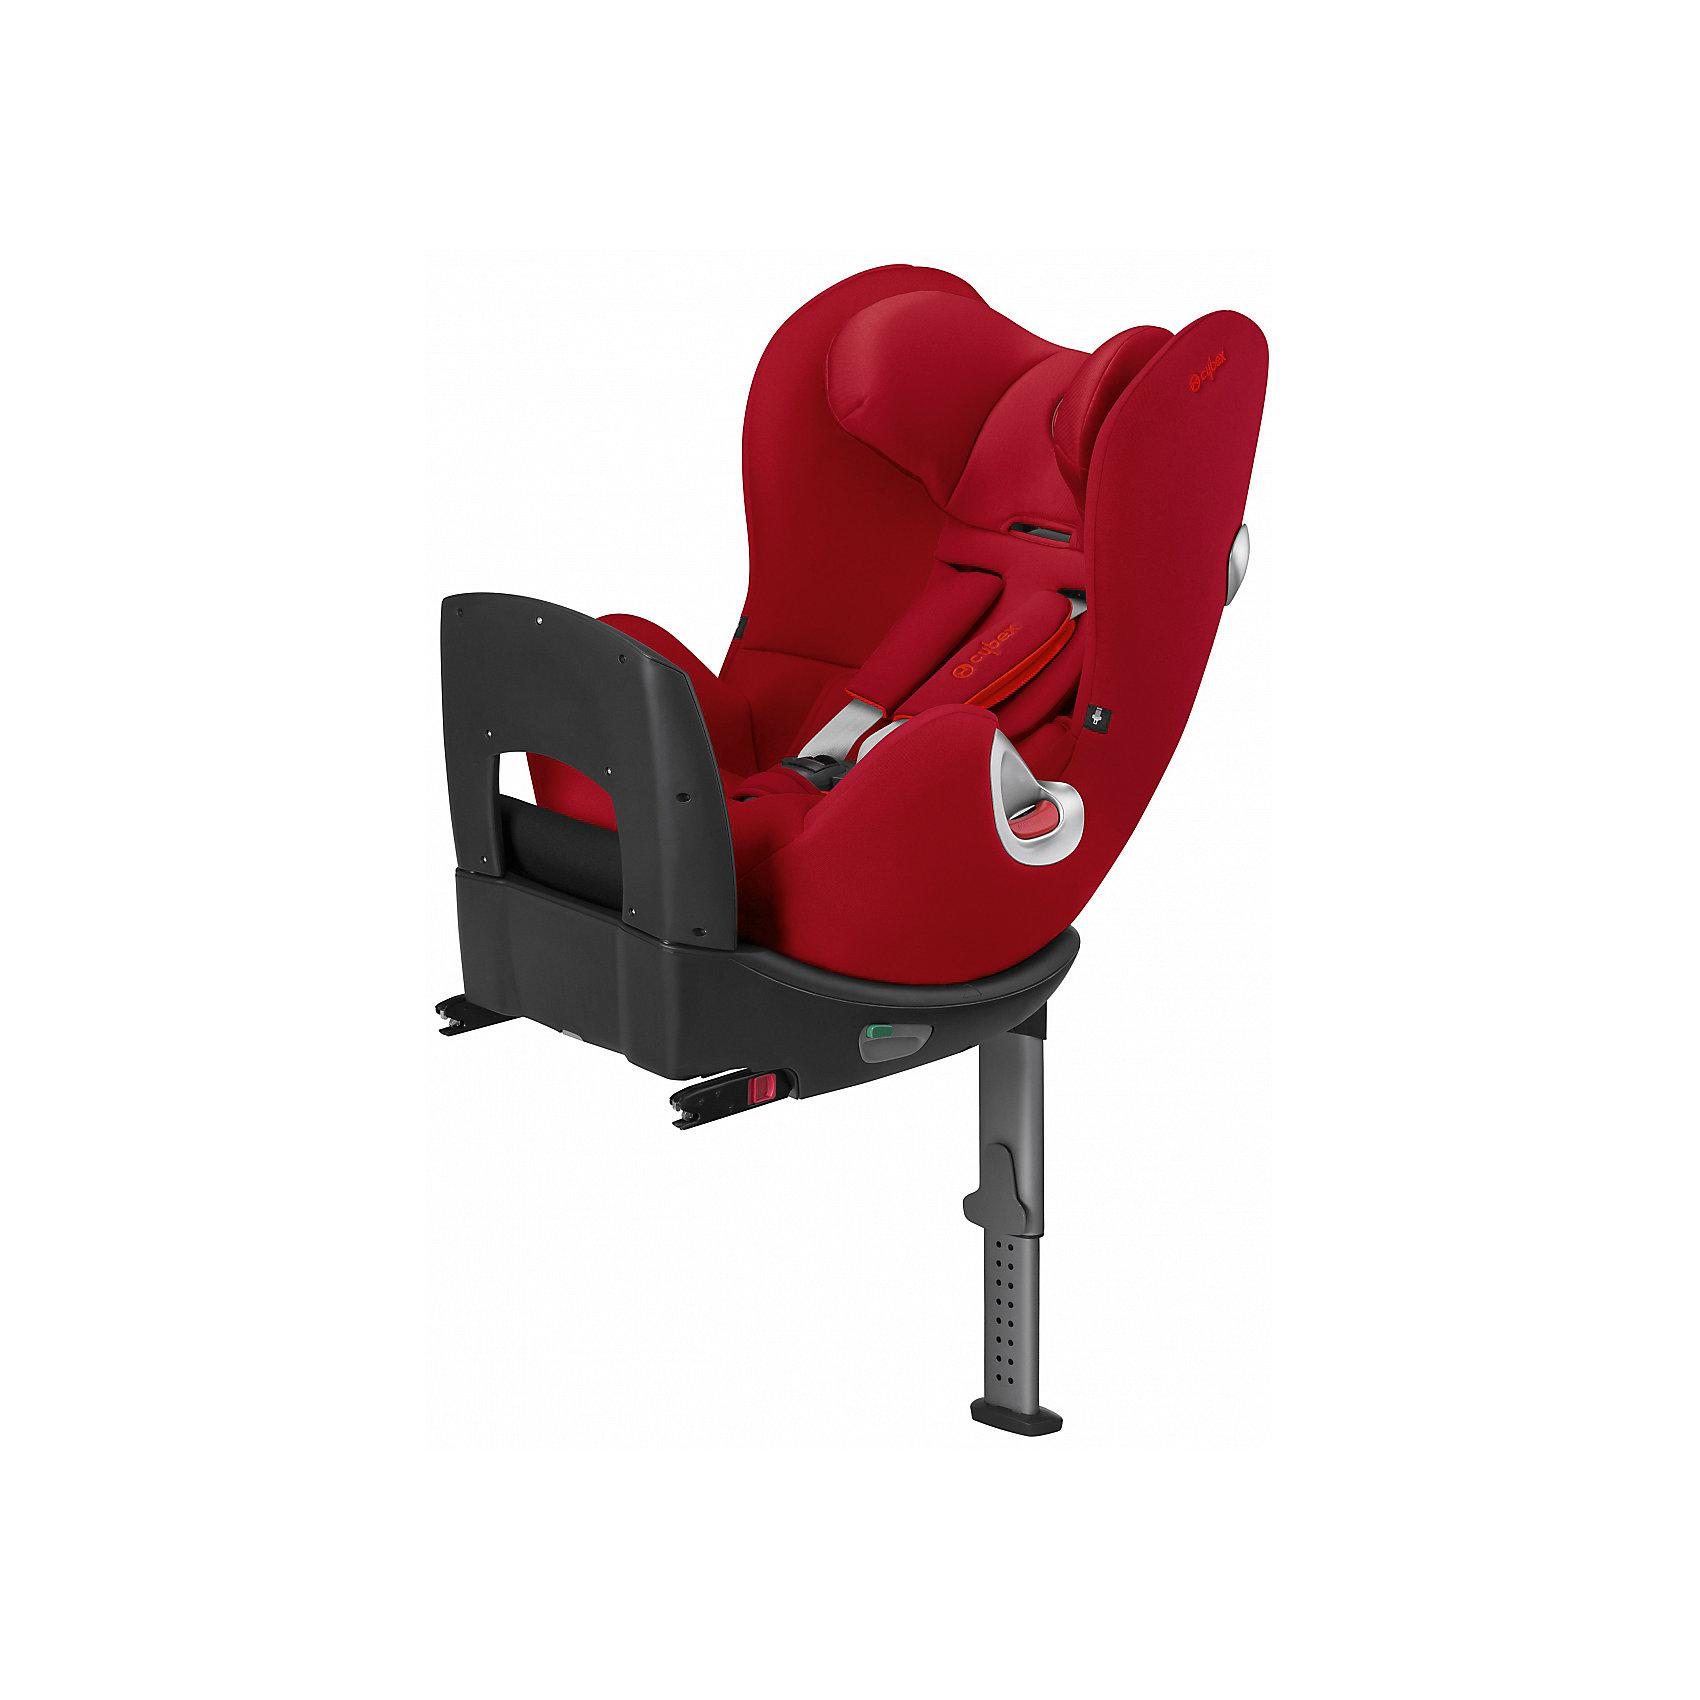 Автокресло детское, Sirona, 0-25 кг., Cybex, Hot SpicyВысокотехнологичное надежное автокресло позволит перевозить ребенка, не беспокоясь при этом о его безопасности. Оно предназначено для предназначено для детей весом от до 18 килограмм (можно использовать для новорожденных). Такое кресло обеспечит малышу не только безопасность, но и комфорт (регулируемый угол наклона и высота подголовника). Вместо пятиточечных ремней ребенок фиксируется при помощи защитного столика, не ограничивая ему свободы движений<br>Автокресло устанавливают по ходу движения, также есть вариант установки против движения. Такое кресло дает возможность свободно путешествовать, ездить в гости и при этом  быть рядом с малышом. Конструкция - очень удобная и прочная. Изделие произведено из качественных и безопасных для малышей материалов, оно соответствуют всем современным требованиям безопасности. Оно отлично показало себя на краш-тестах.<br> <br>Дополнительная информация:<br><br>цвет: красный;<br>материал: текстиль, пластик;<br>вес ребенка: до 18 кг;<br>поворотный механизм на 360 градусов;<br>регулируемый по высоте подголовник;<br>съемный чехол;<br>регулировка положения автокресла одной рукой;<br>регулируемый угол наклона;<br>можно использовать со штатными ремнями или с дополнительной базой;<br>регулируемый по высоте подголовник;<br>крепление по ходу движения или против;<br>система защиты от боковых ударов;<br>соответствие Европейскому стандарту безопасности ЕСЕ R44/04.<br><br>Автокресло Sirona, Hot Spicy, от компании Cybex можно купить в нашем магазине.<br><br>Ширина мм: 455<br>Глубина мм: 560<br>Высота мм: 700<br>Вес г: 19000<br>Цвет: красный<br>Возраст от месяцев: 0<br>Возраст до месяцев: 48<br>Пол: Унисекс<br>Возраст: Детский<br>SKU: 4028974